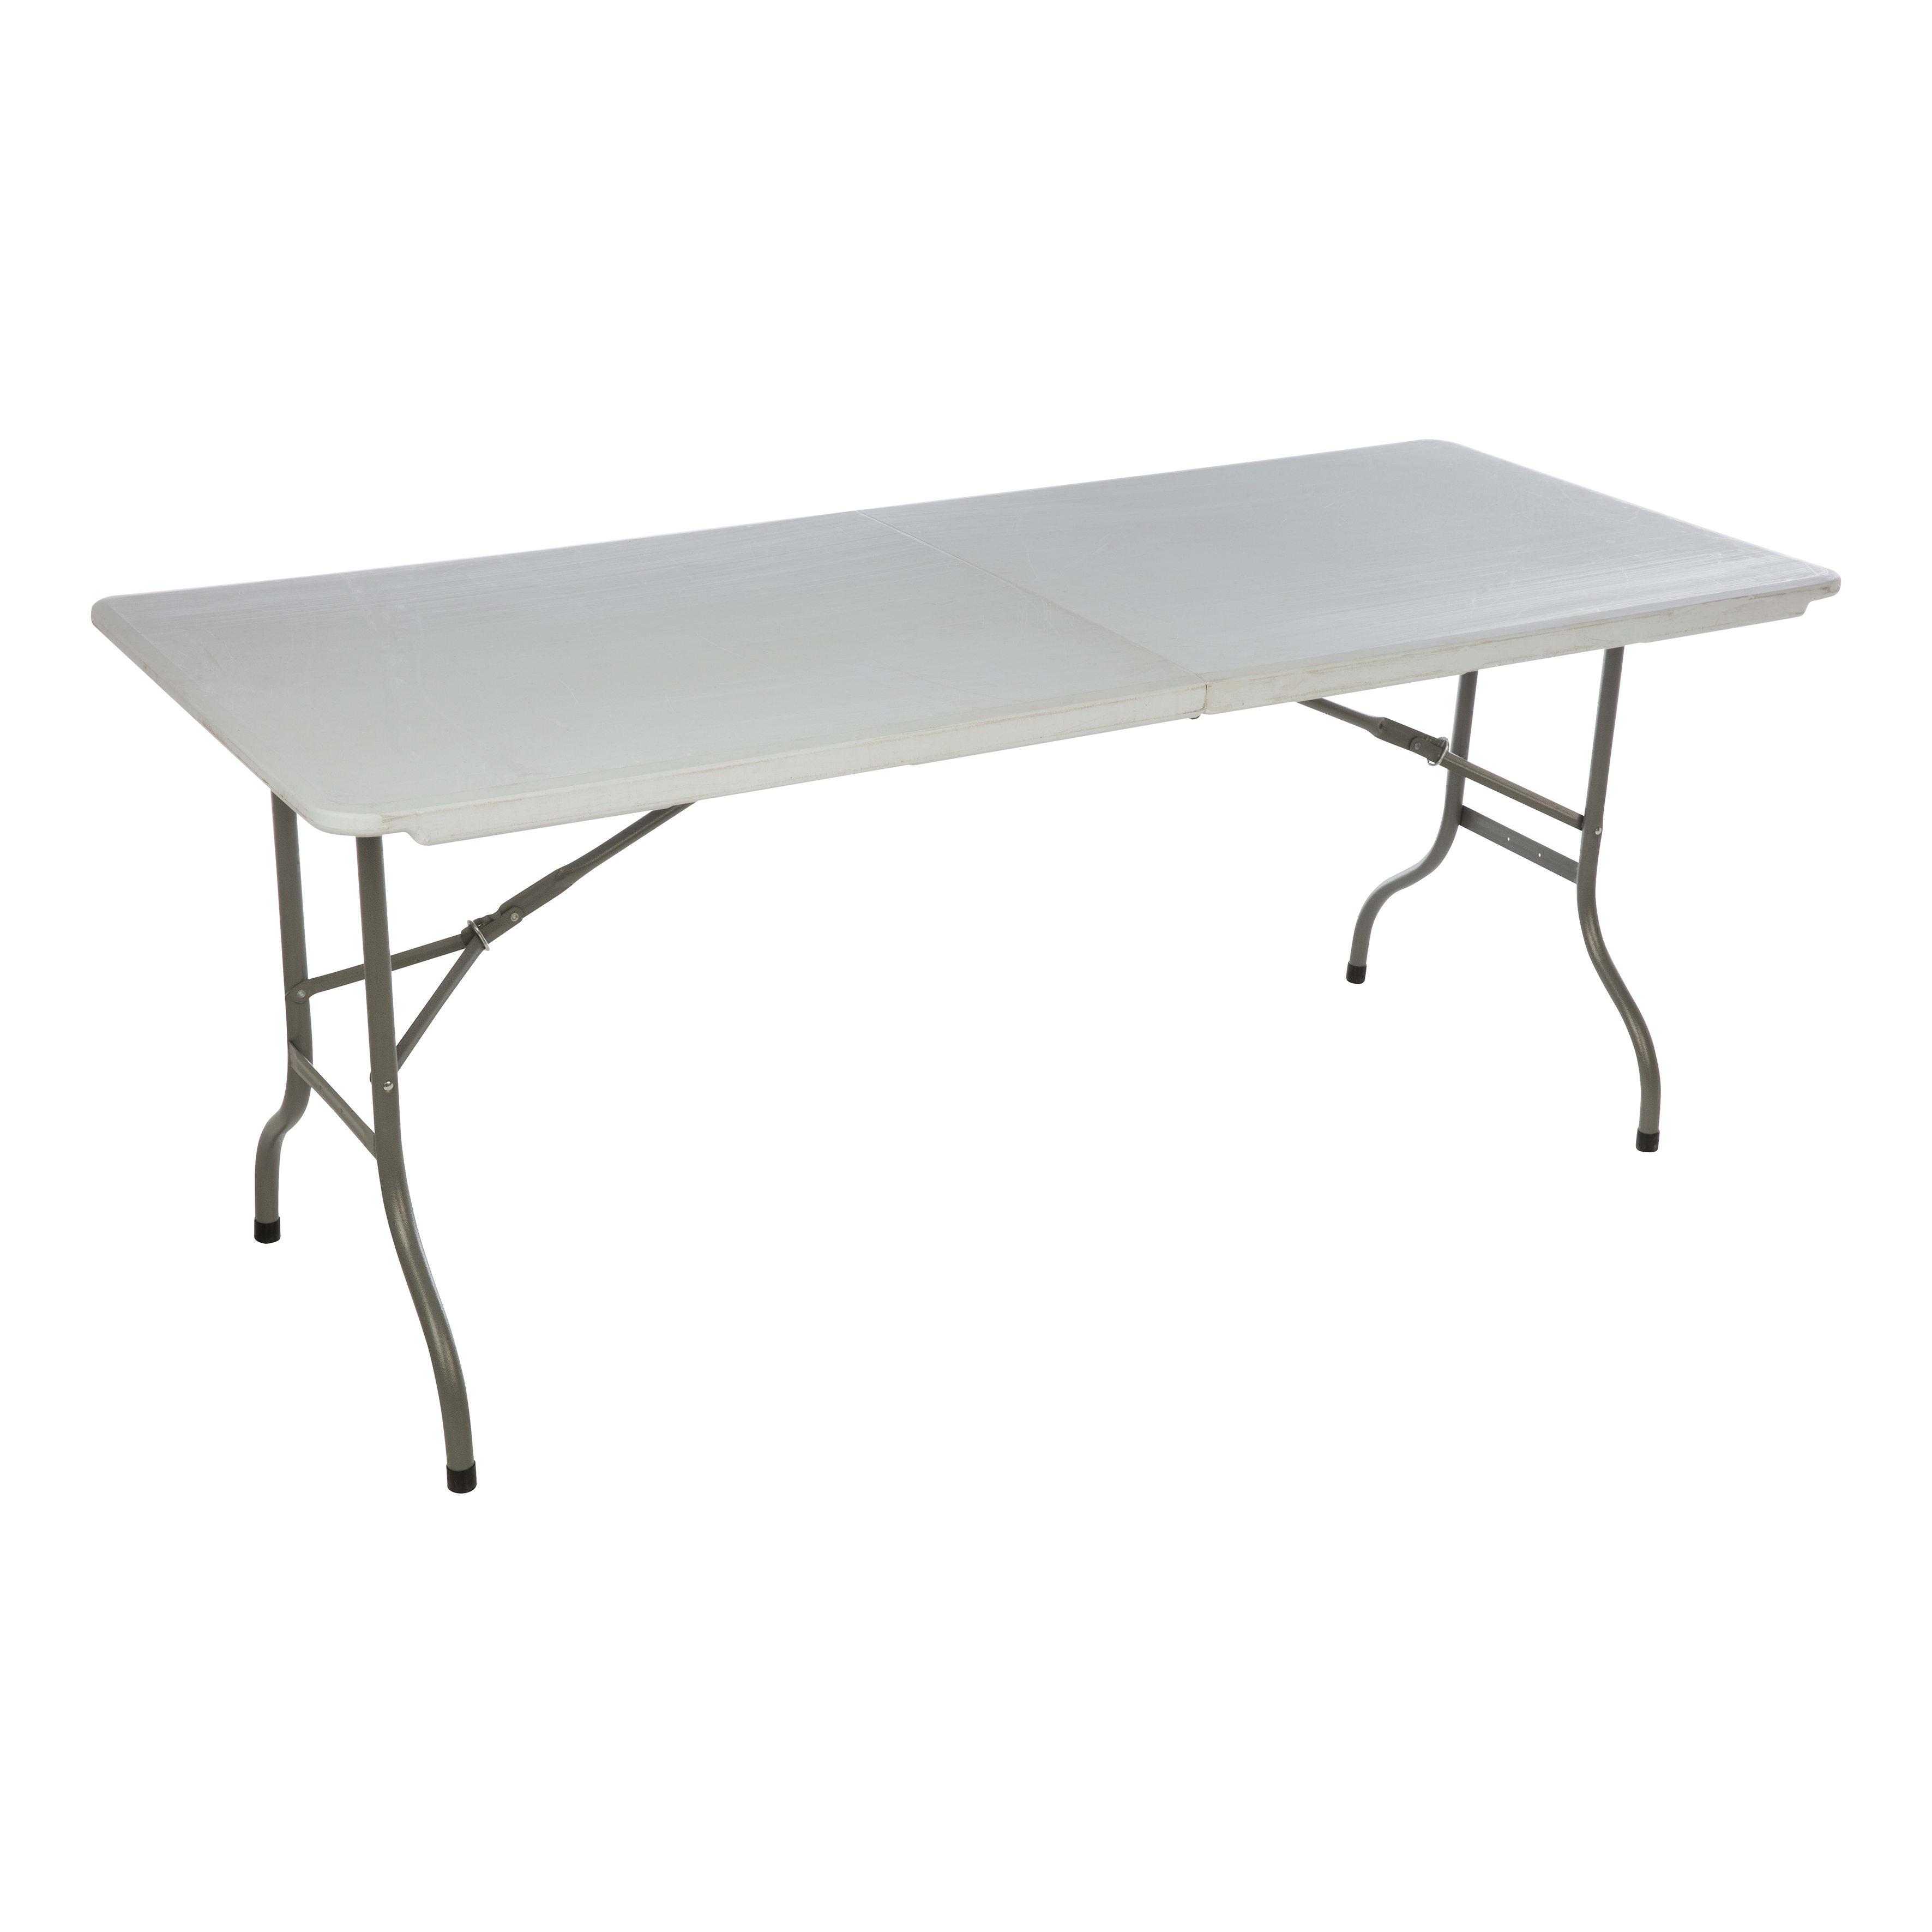 Tavoli In Plastica Pieghevoli.Tavolo Da Pranzo Per Giardino Rettangolare Con Piano In Resina L